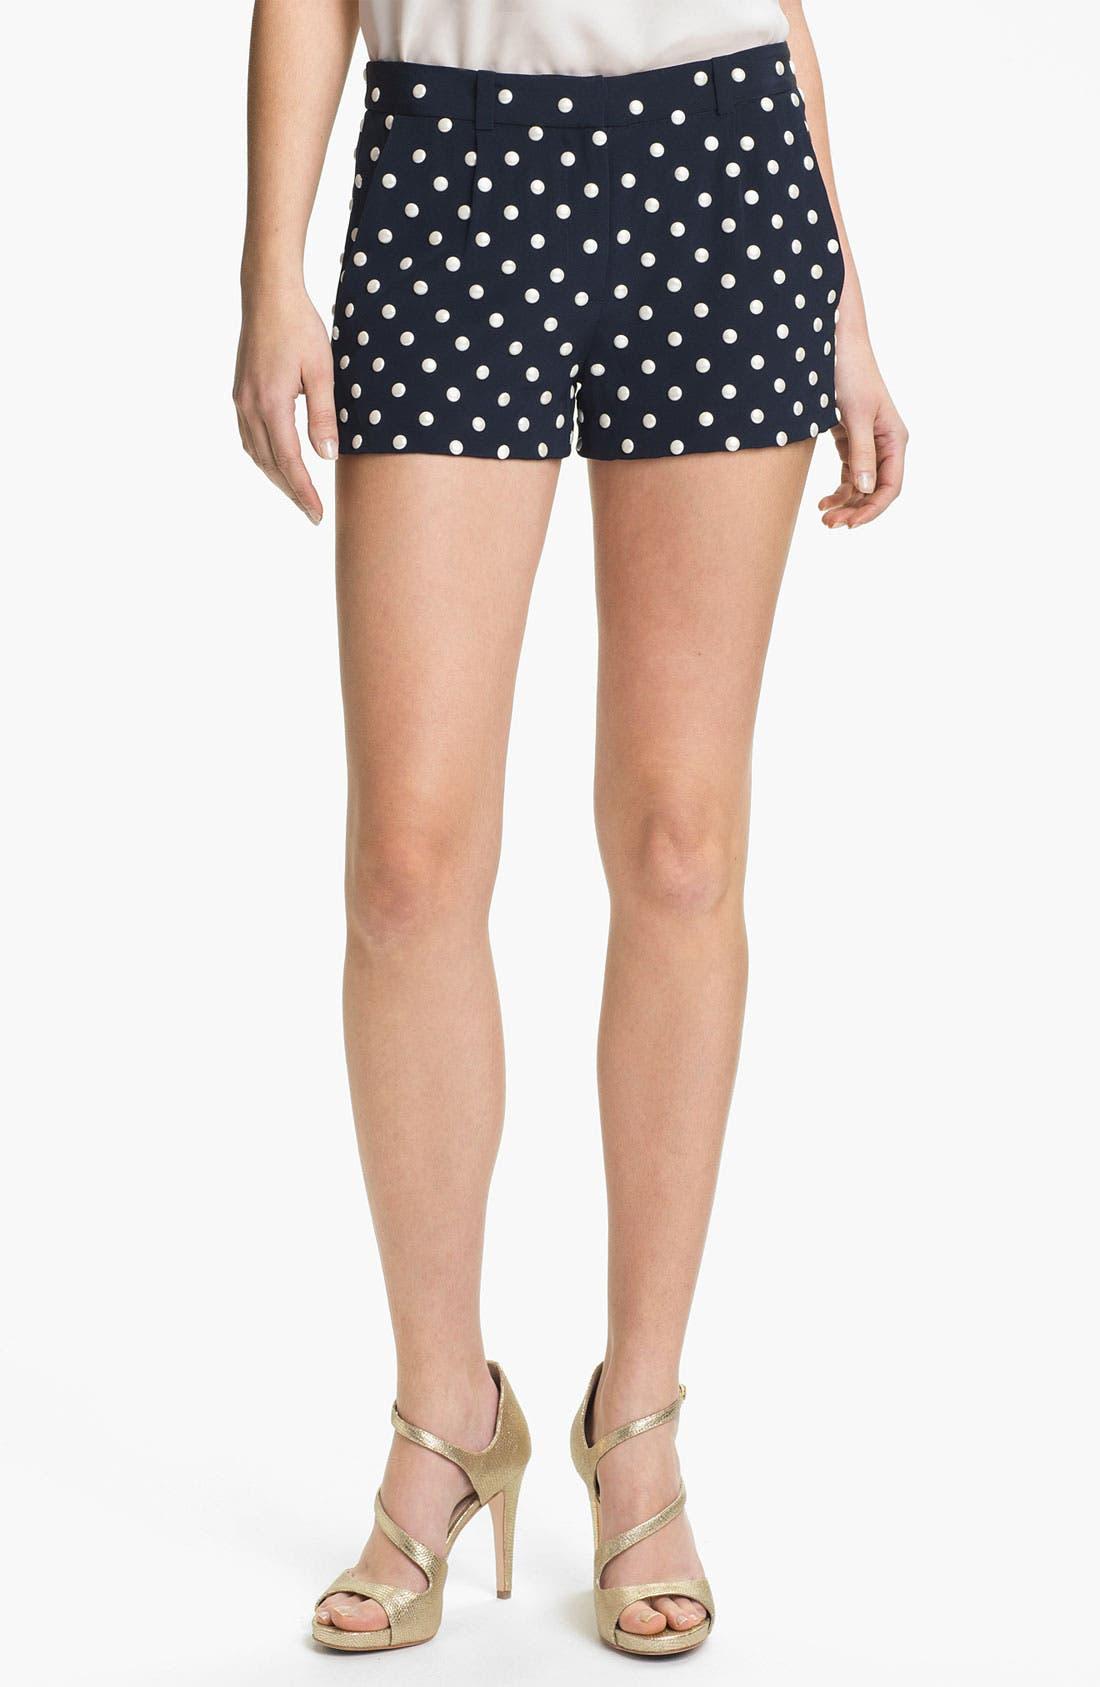 Alternate Image 1 Selected - Diane von Furstenberg 'Fran' Studded Shorts